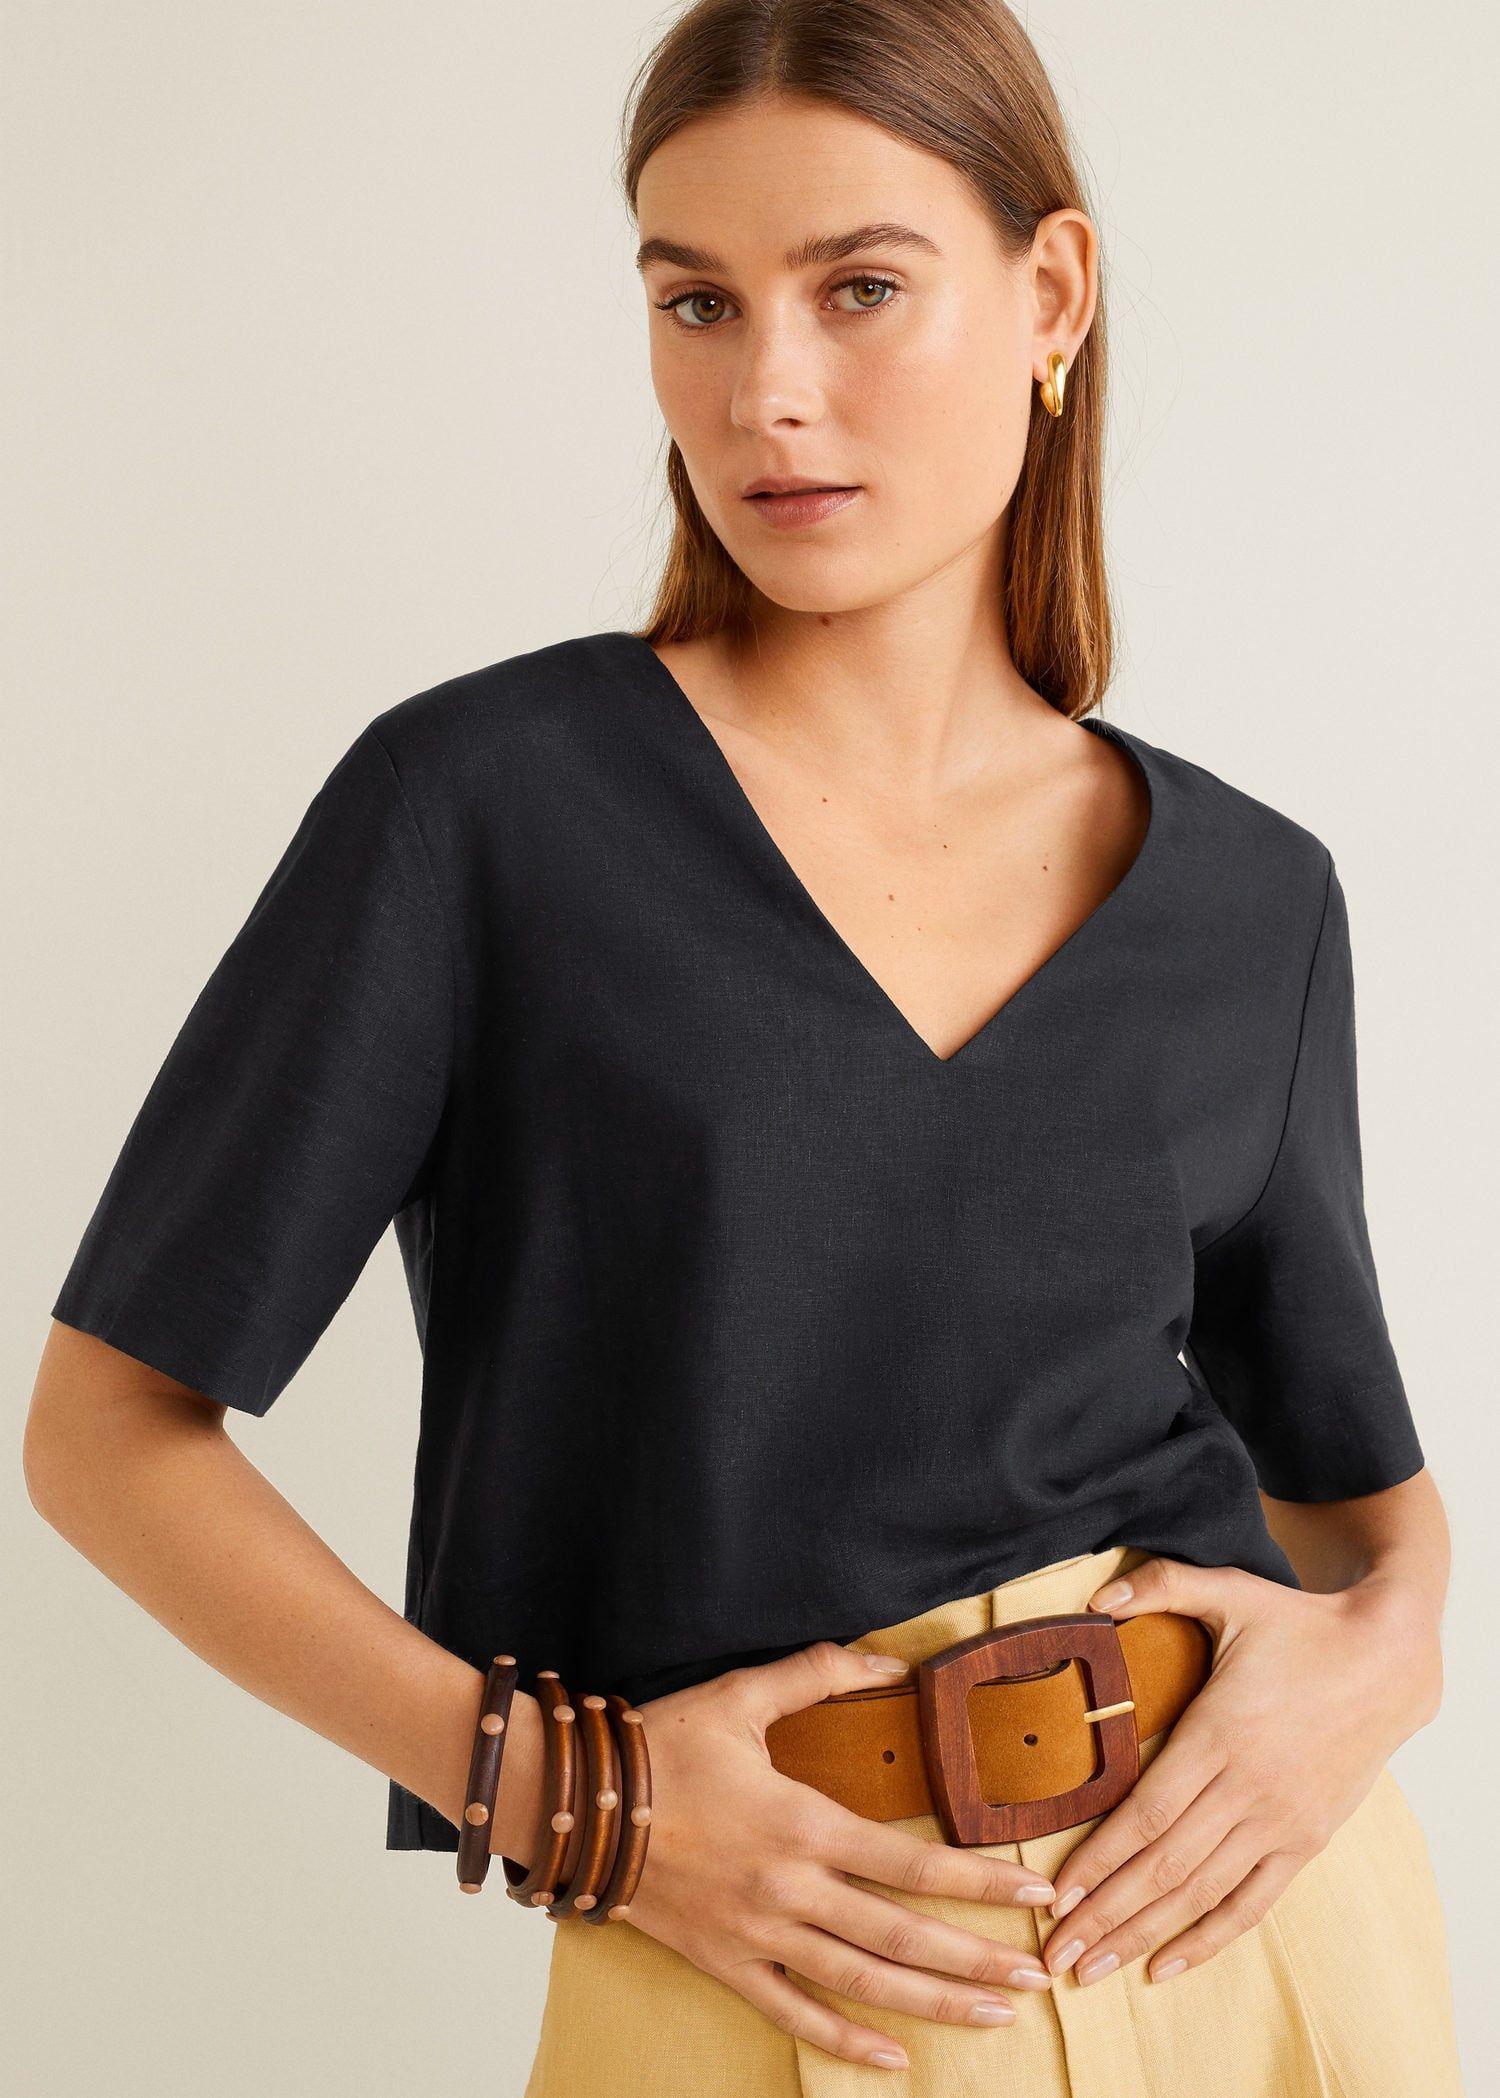 ea64fe42998 Linen crop blouse - Women in 2019 | clothe me | Crop blouse, Blouses ...